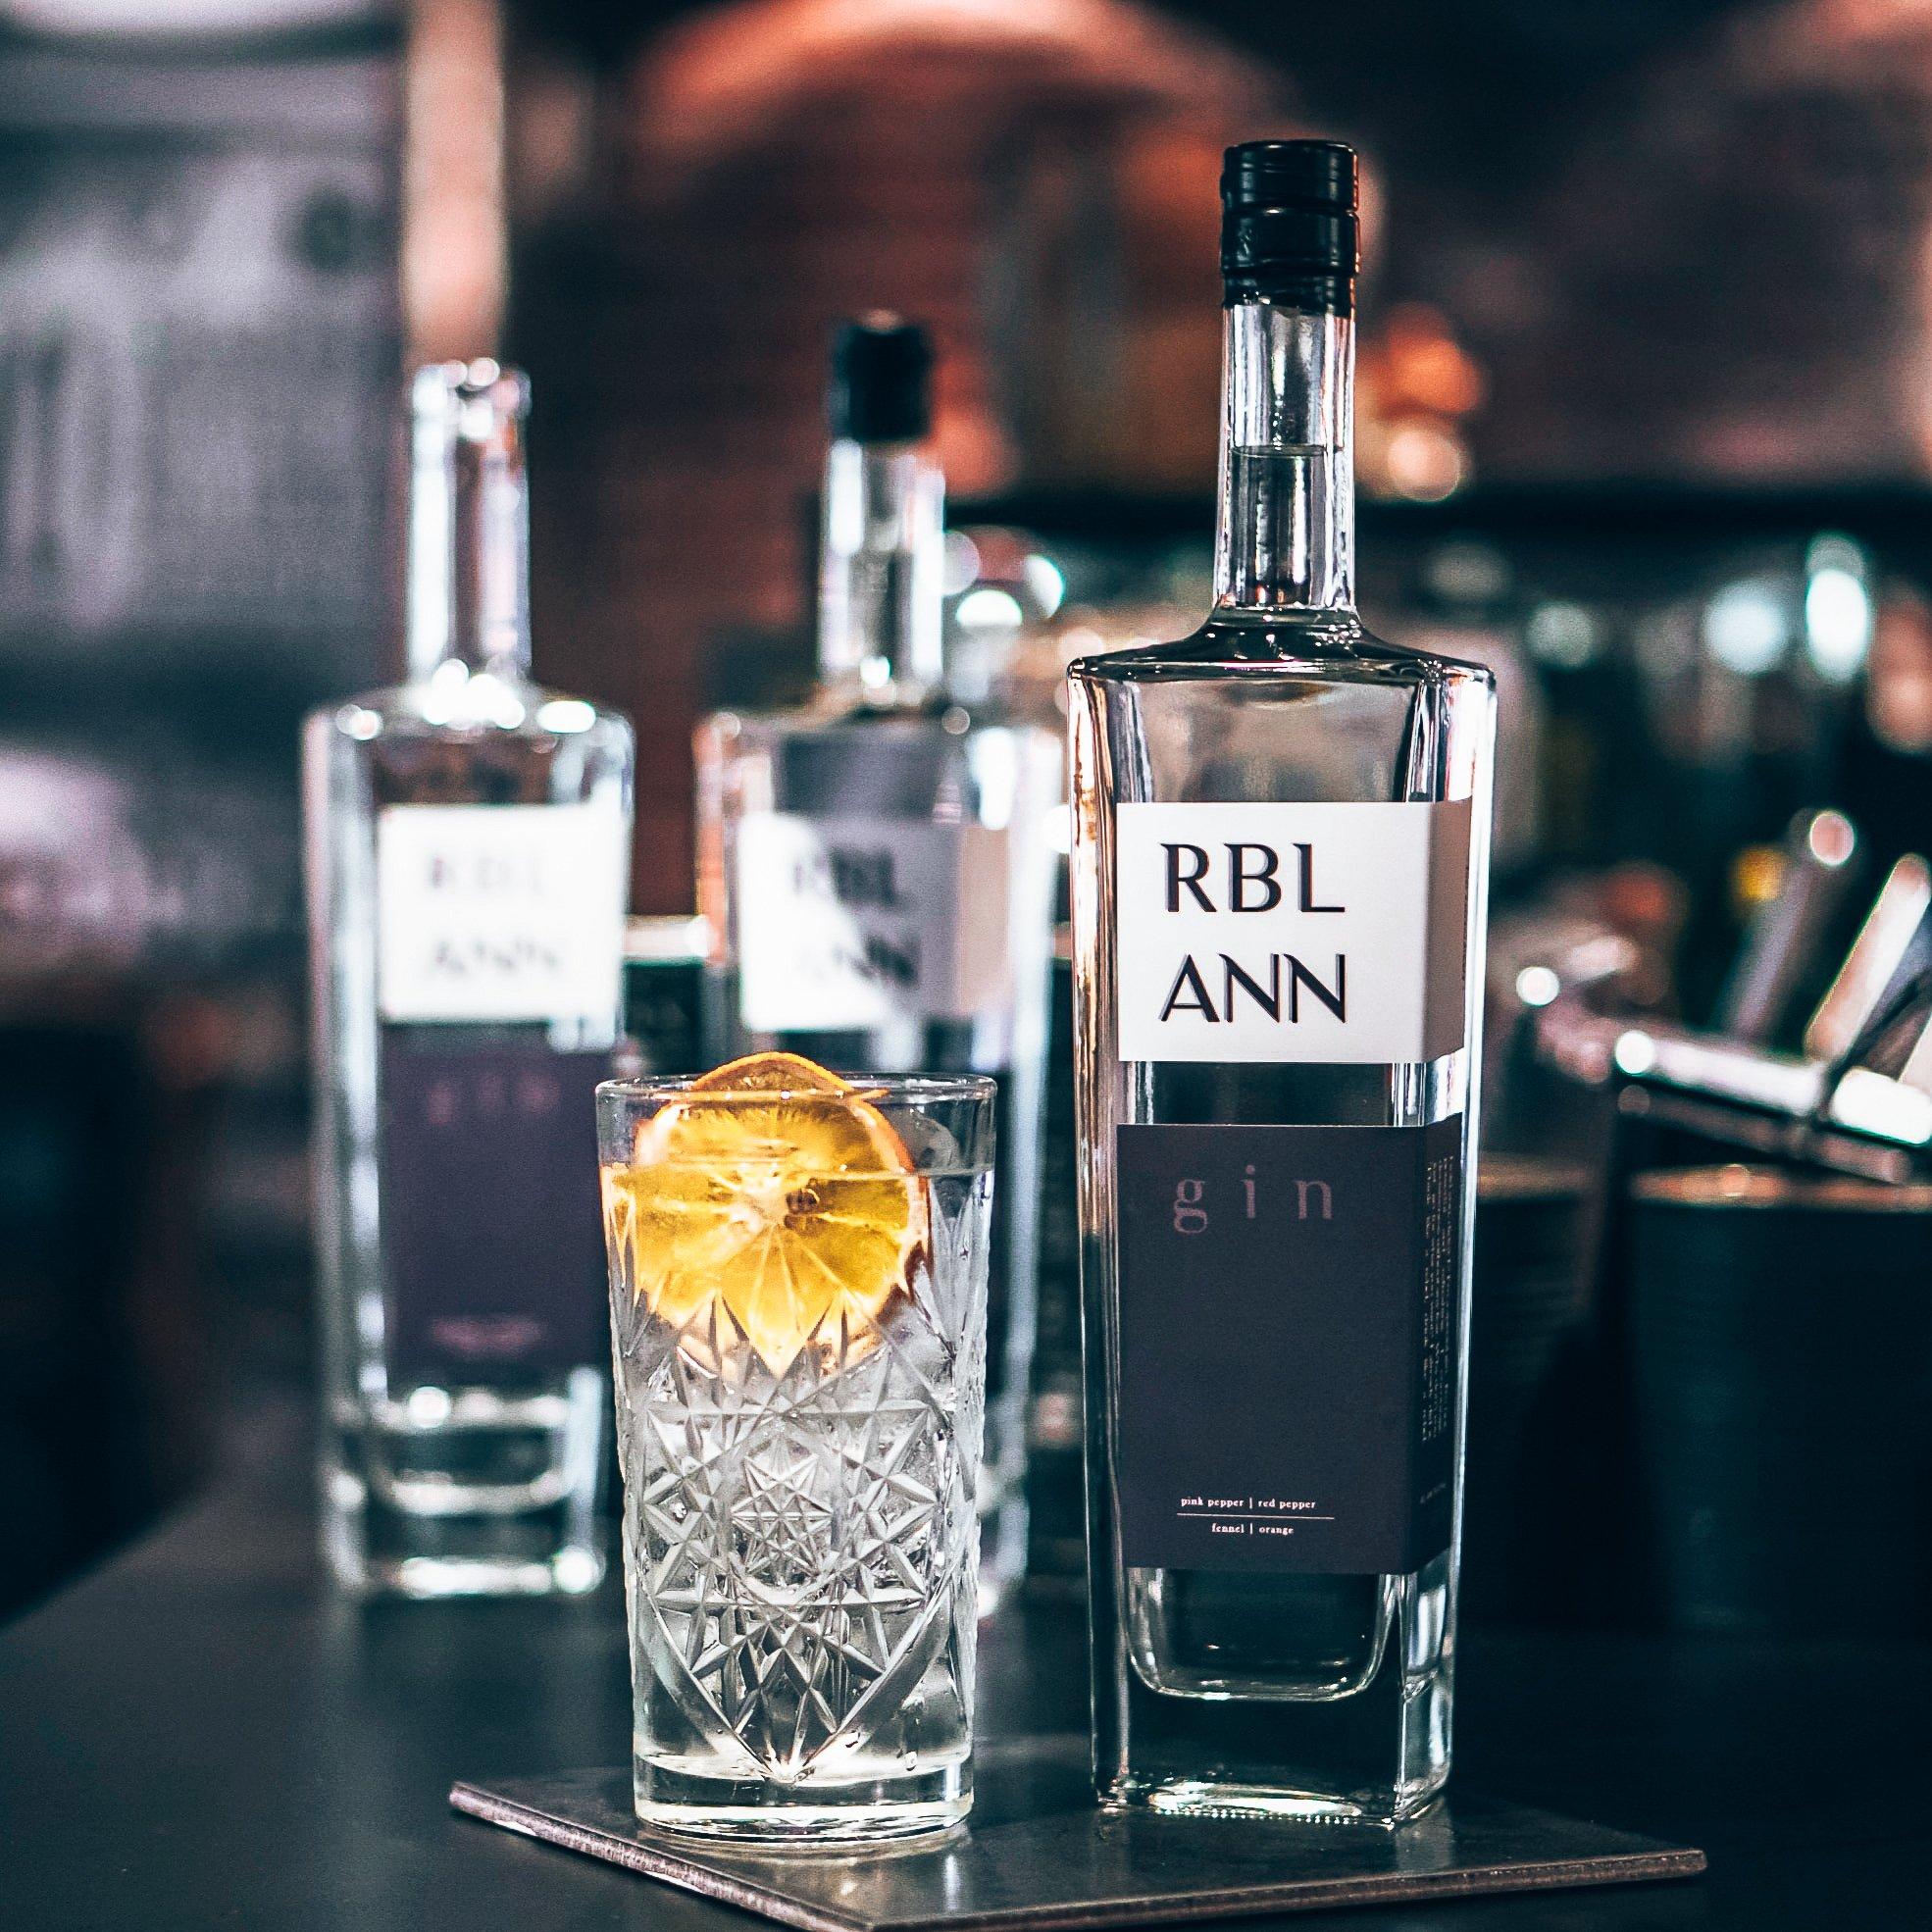 RBL ANN gin, Utrecht, Alles over gin.